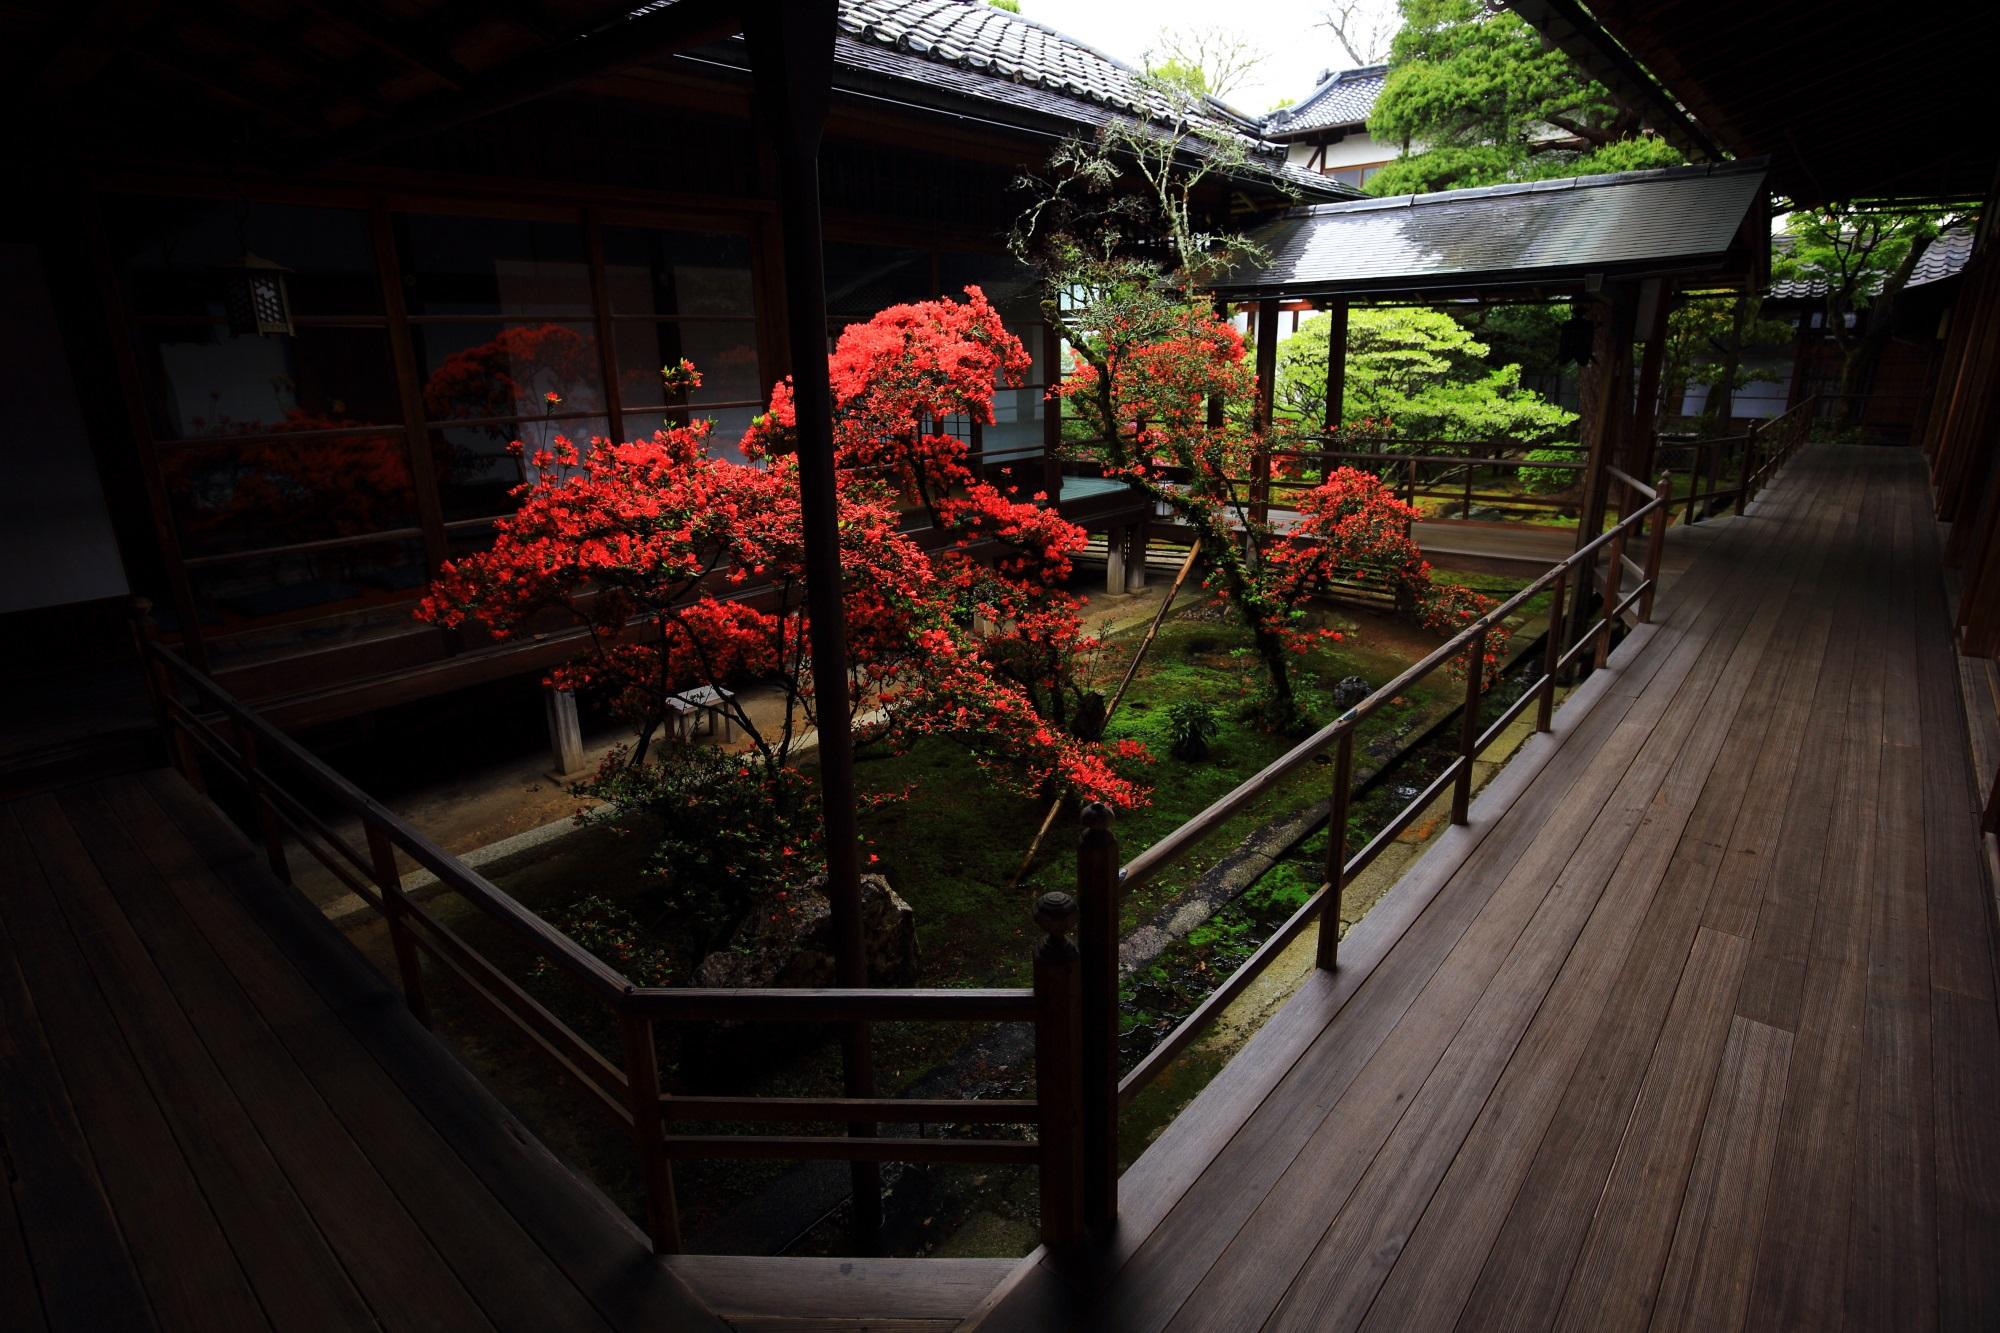 妙心寺大心院の独特の雰囲気を放つ本堂北側の中庭のキリシマツツジ